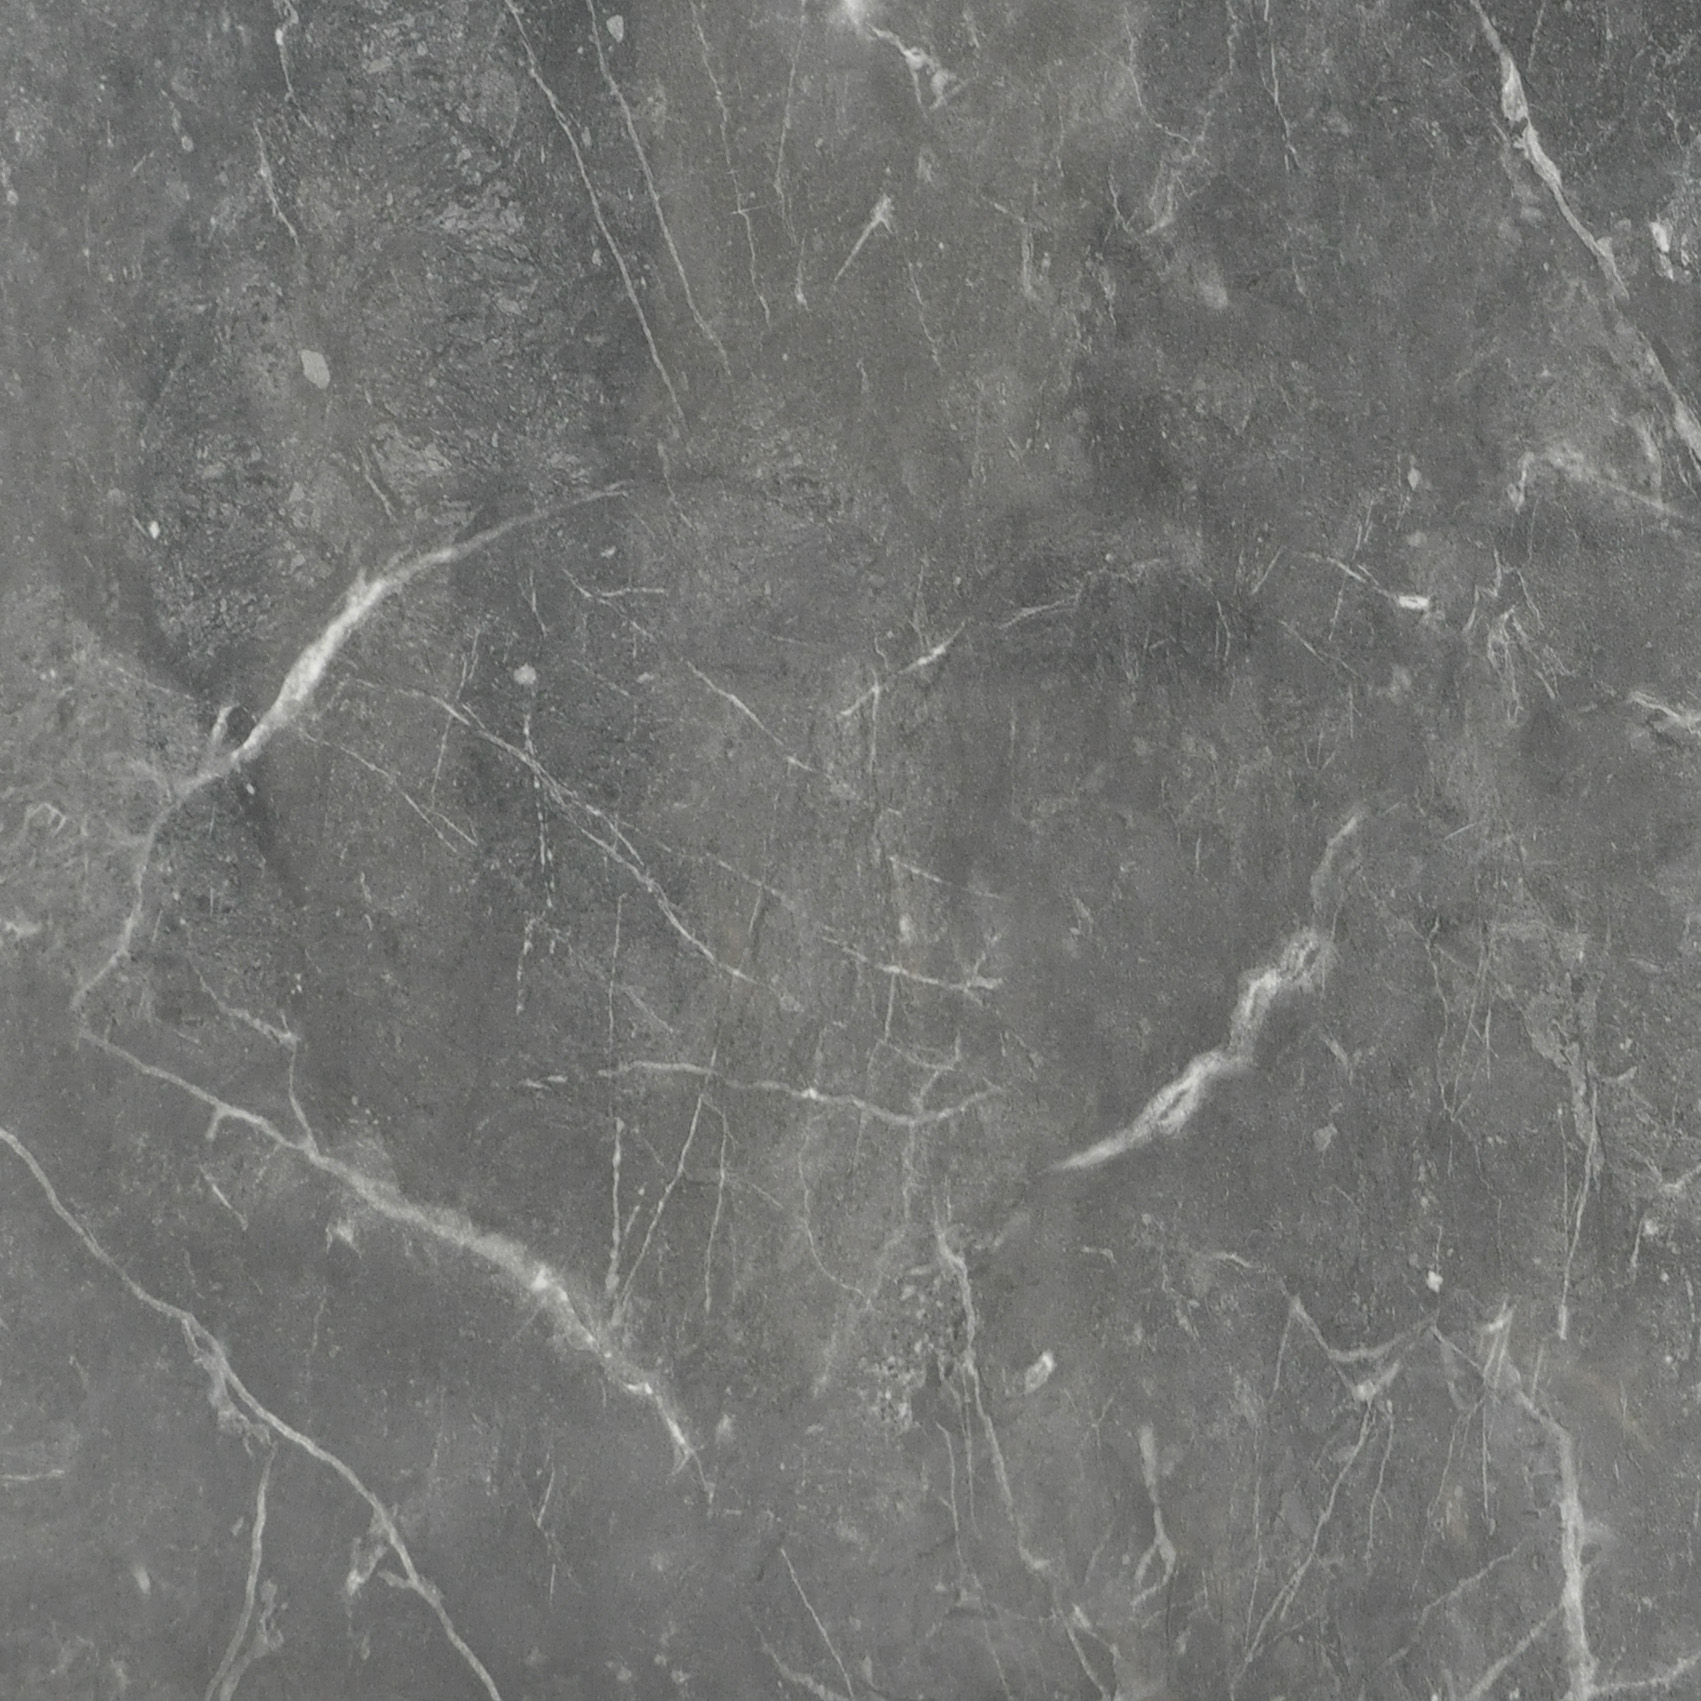 釉抛仿大理石 灰色瓷砖贴图 石材贴图 设计本3dmax材质库